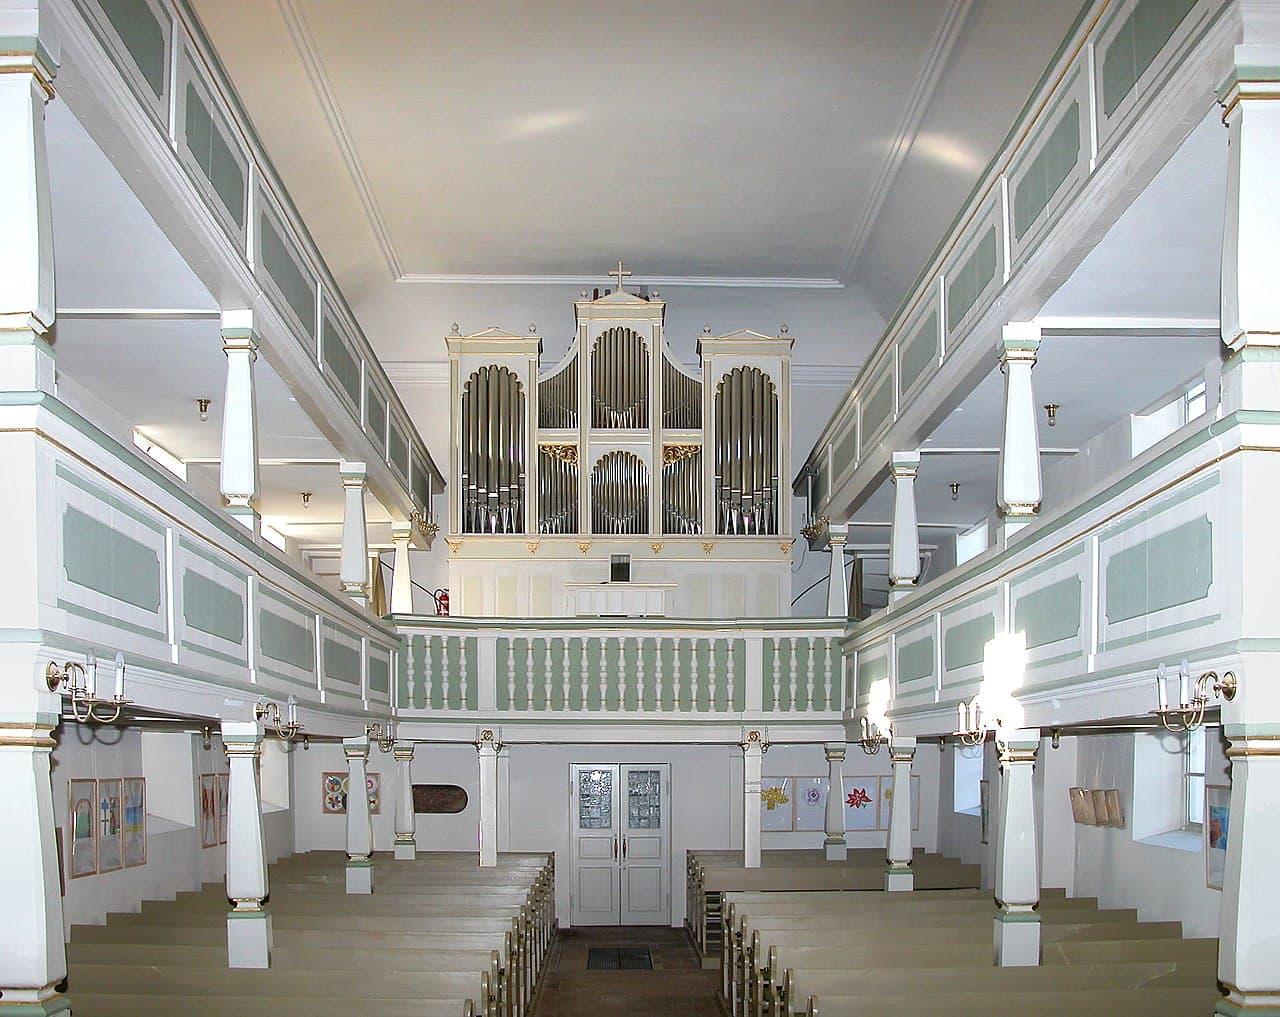 Kirche Maria am Wasser in Dresden - Innenraum mit Orgelempore